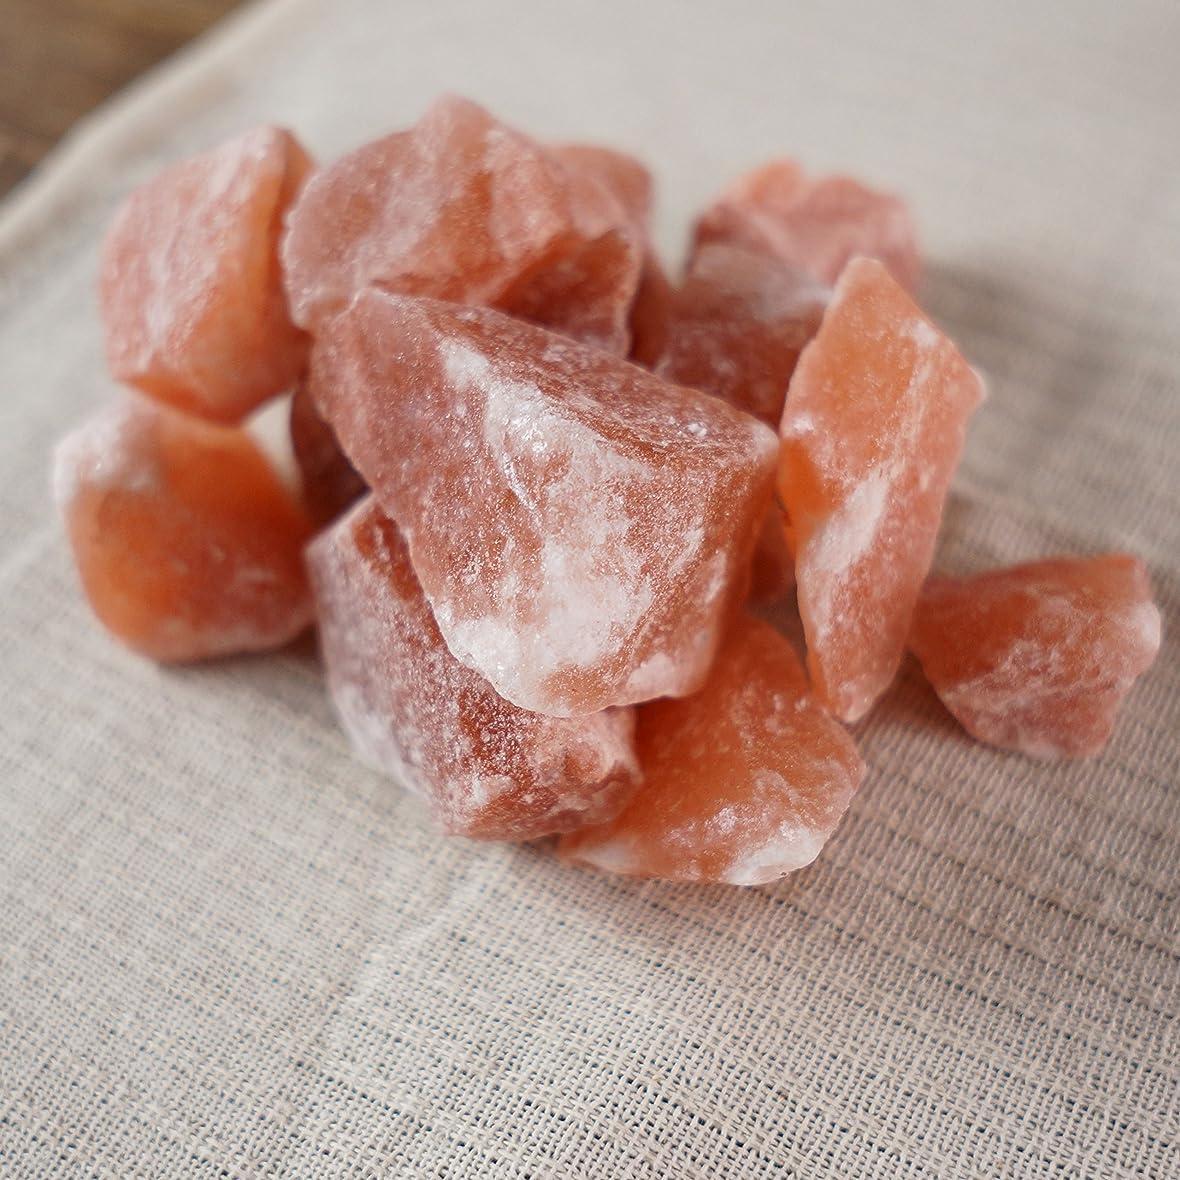 リッチ笑アーネストシャクルトンヒマラヤ岩塩 ピンク ブロック 約2-10cm 5,000g 塊 原料